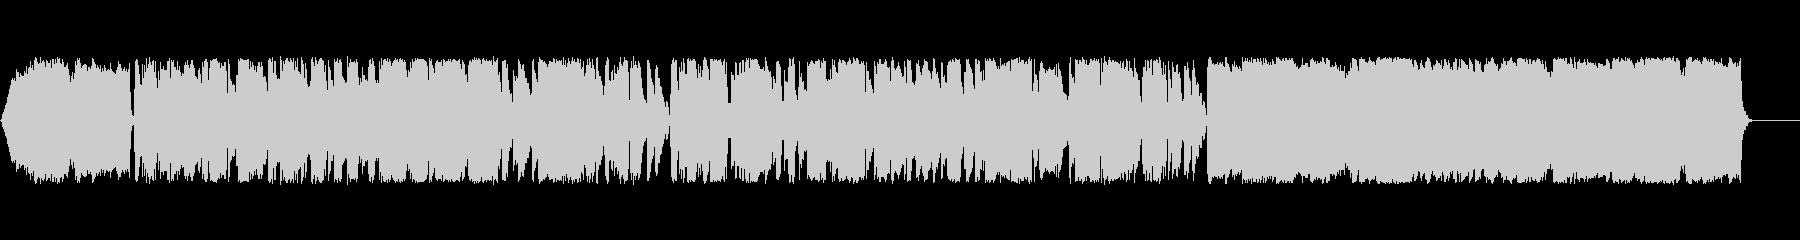 ルセインの民songには、ジョン博...の未再生の波形